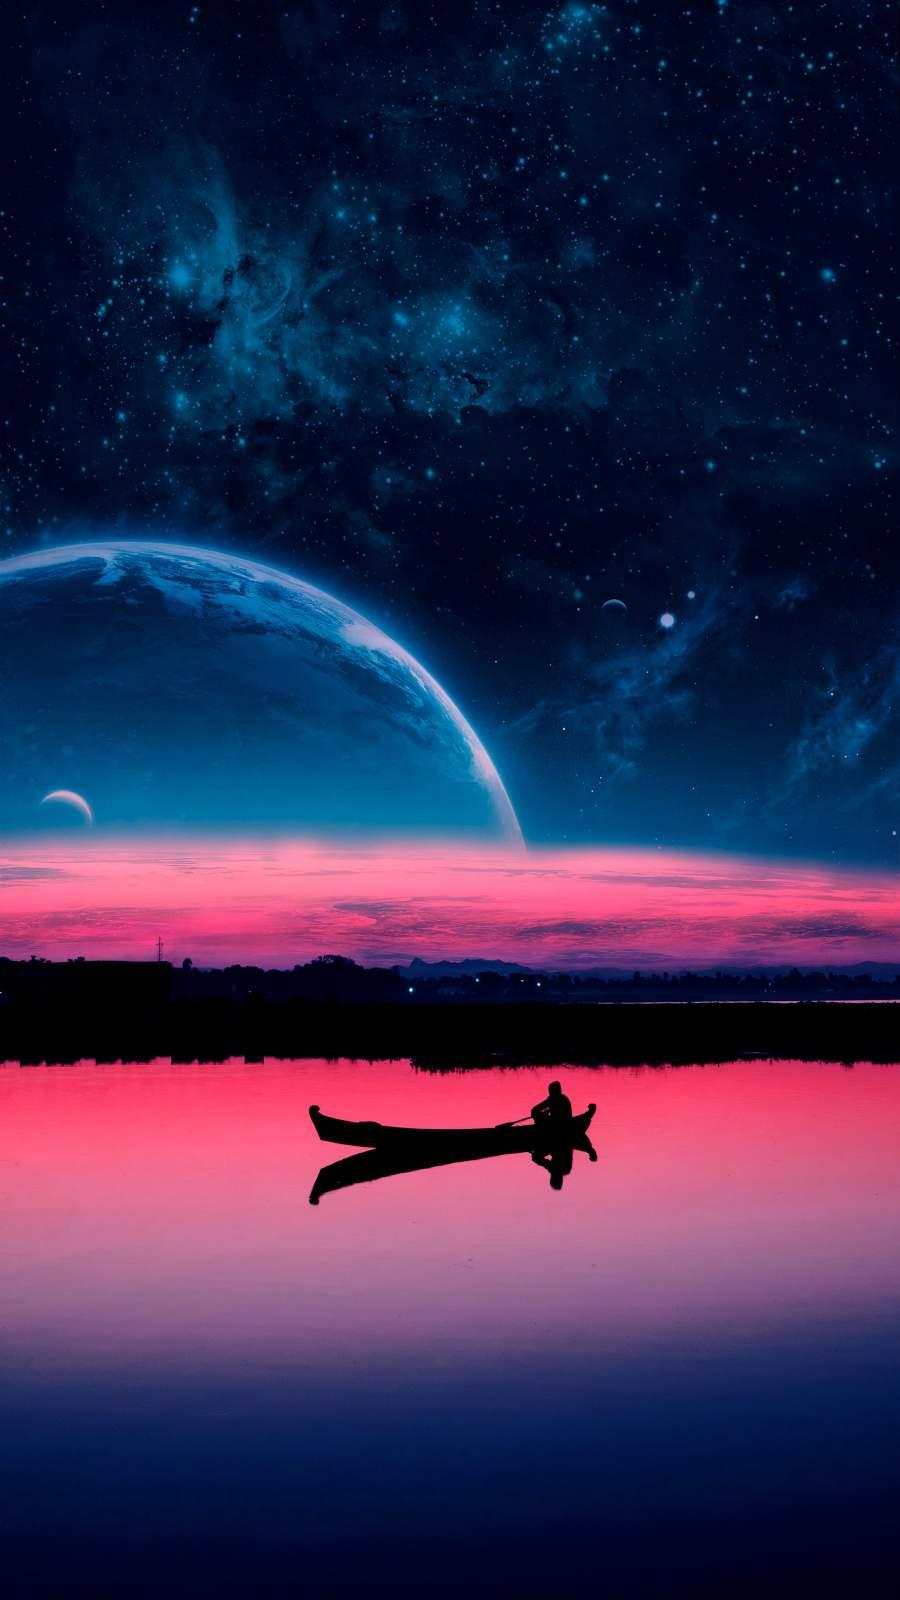 Lake Horizon Space